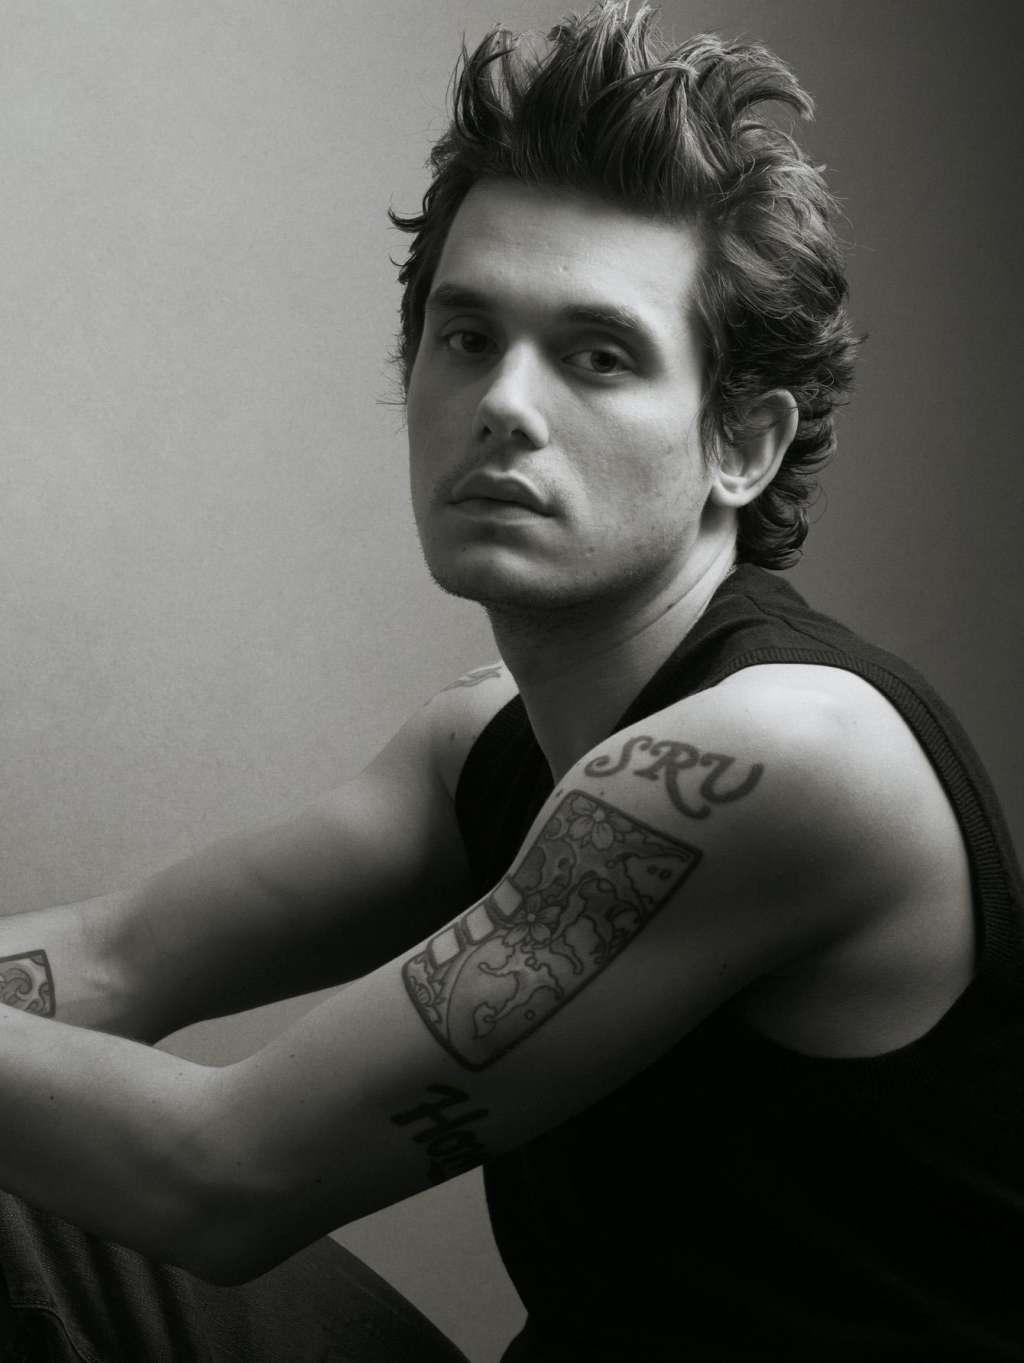 John Mayer SRV tattoo